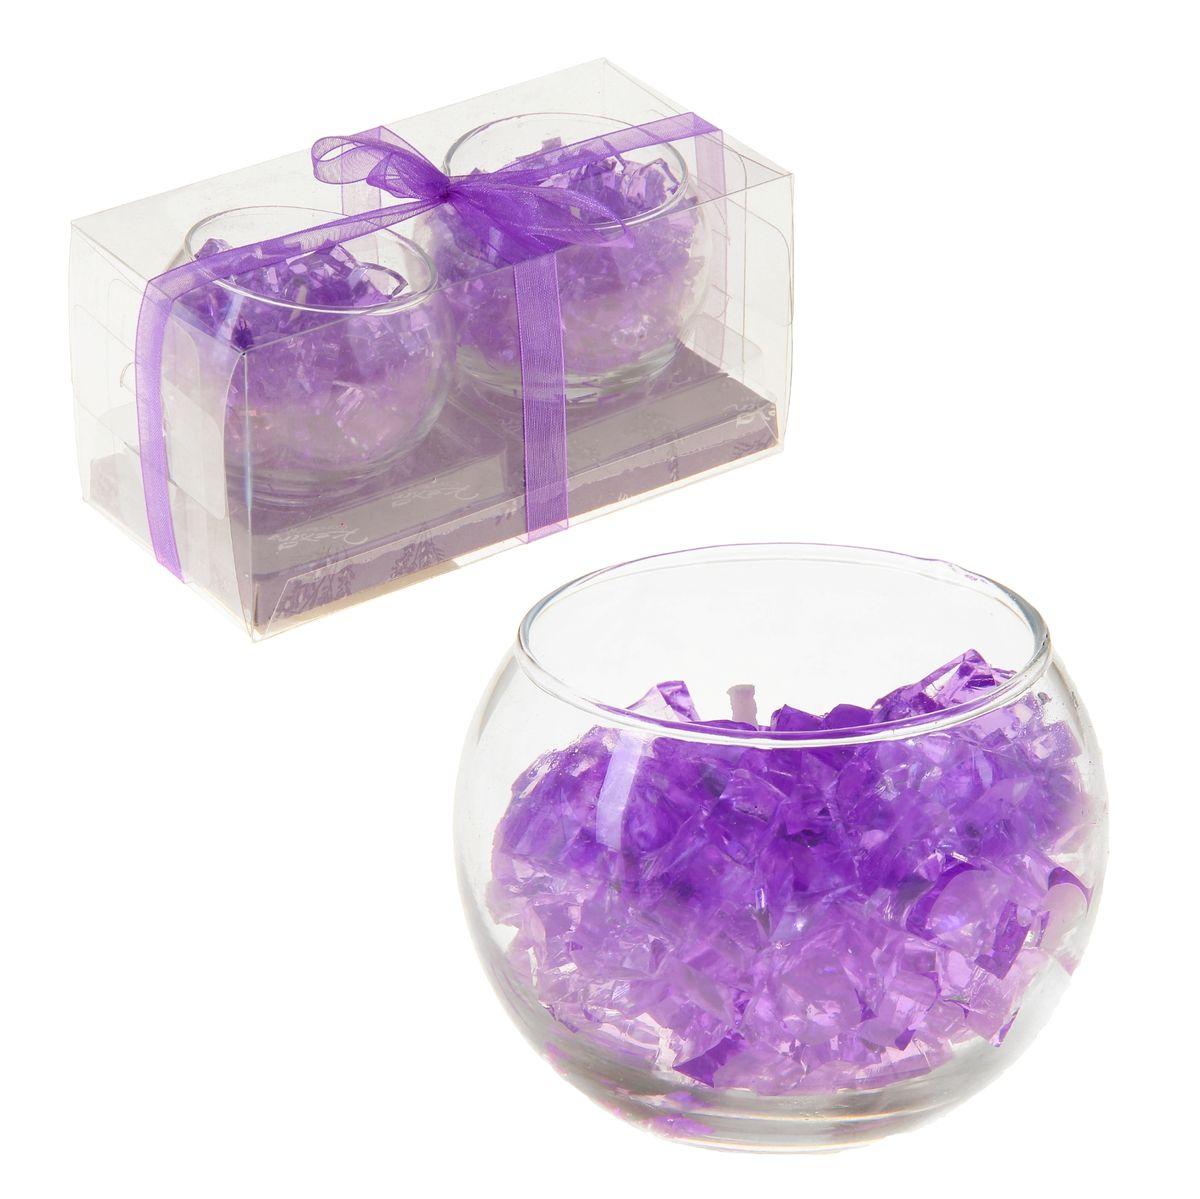 Набор свечей Sima-land Мармелад, цвет: фиолетовый, 2 штU210DFНабор Sima-land Мармелад, выполненный из геля, состоит из двух декоративных свечей. Свечи расположены в стеклянных бокалах. Изделия порадуют вас своим дизайном. Такой набор может стать отличным подарком или дополнить интерьер вашей комнаты.